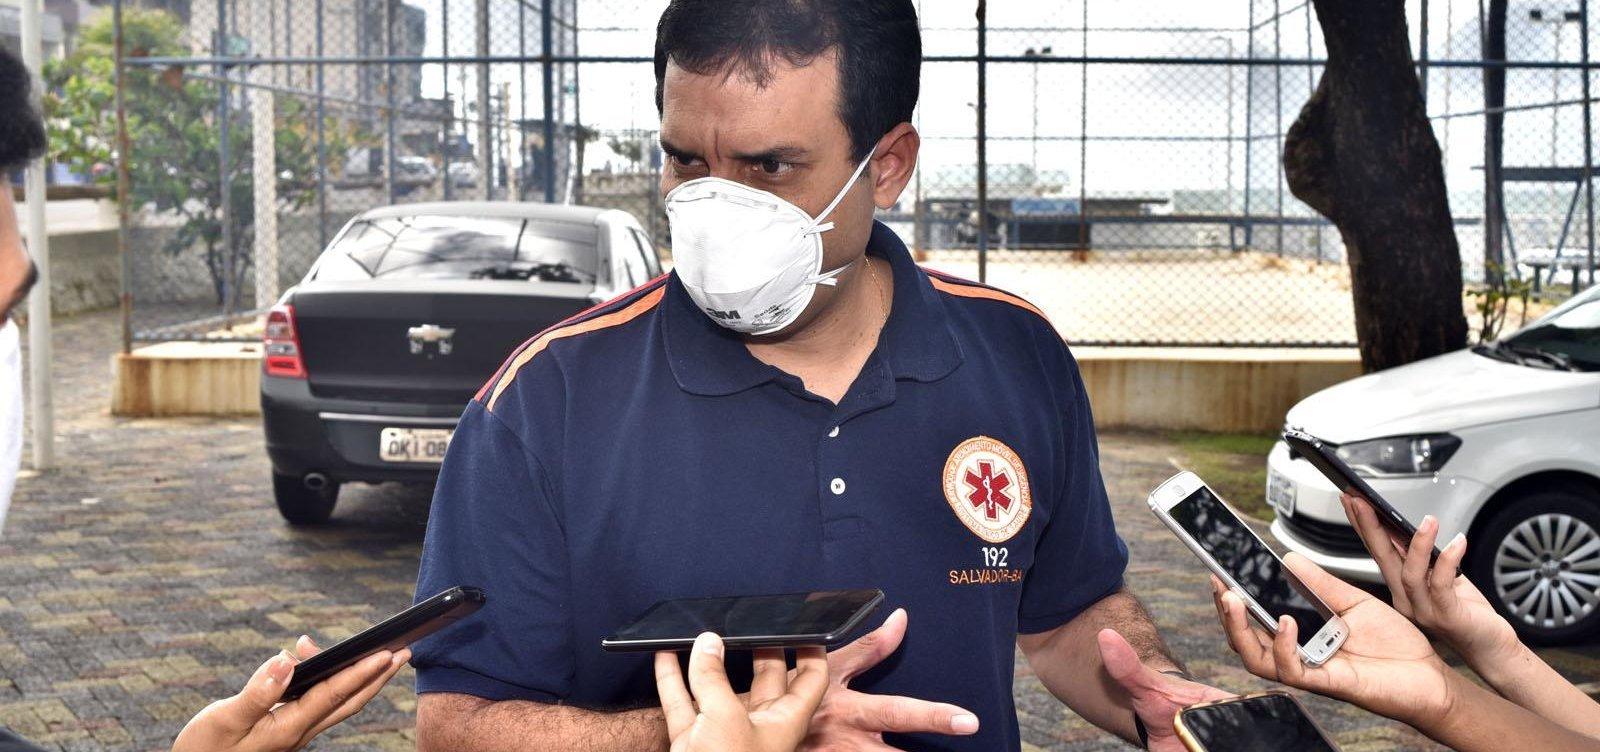 [Secretário de Saúde de Salvador diz que medidas restritivas nos bairros têm melhorado cenário de pandemia]